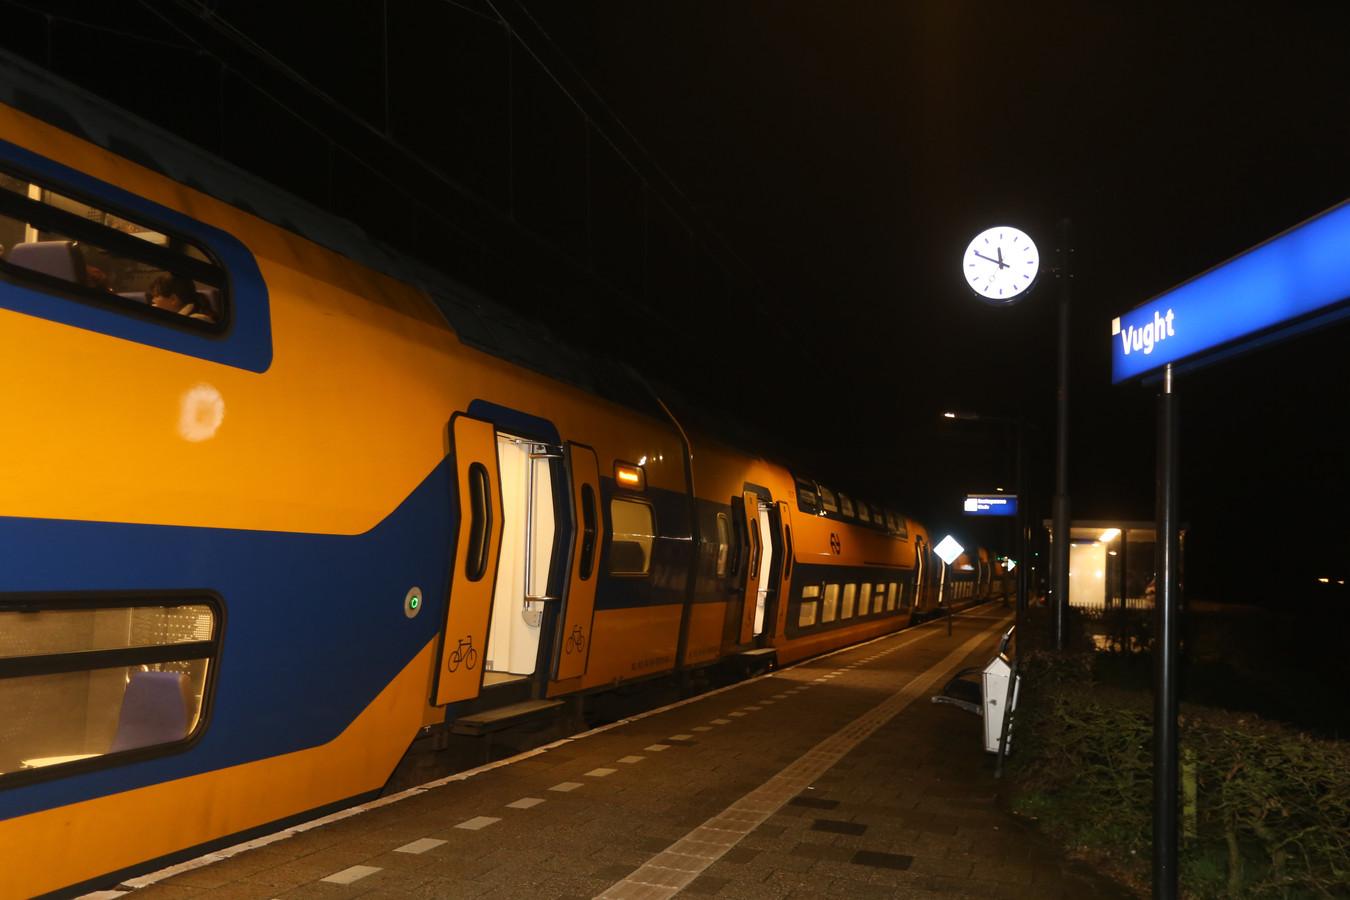 Vertraging na aanrijding op spoor bij Vught